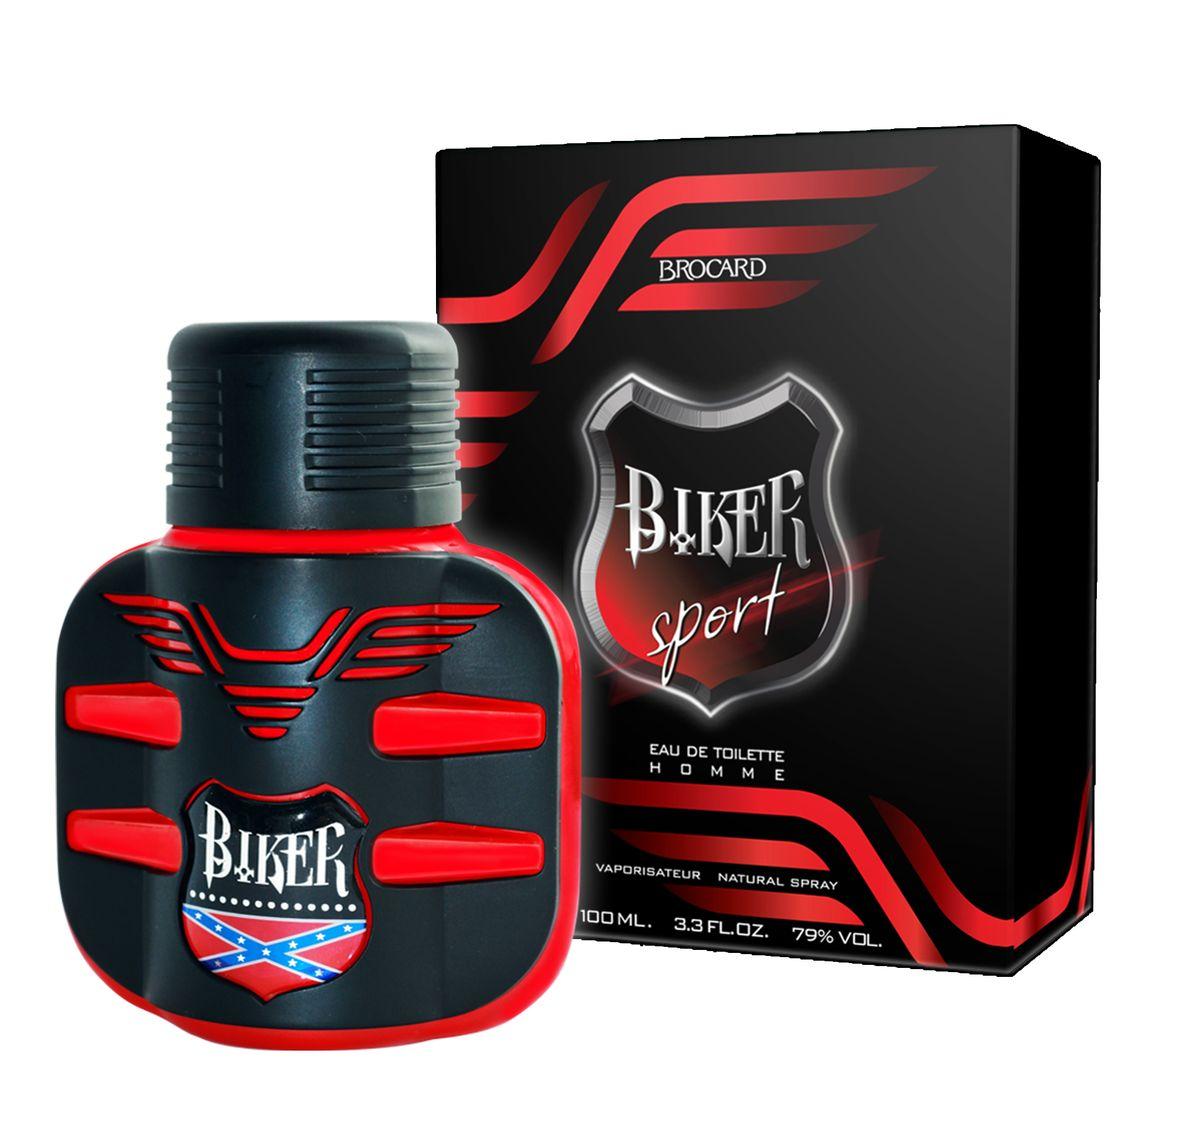 Brocard Biker Sport Туалетная вода для мужчин, 100 мл80030295Импульсивный, свежий, искрящийся, динамичный, порывистый и жизнеутверждающий... Цитрусово-фужерный аромат, созвучный порыву ветра. Скорость. Драйв. Эмоции...